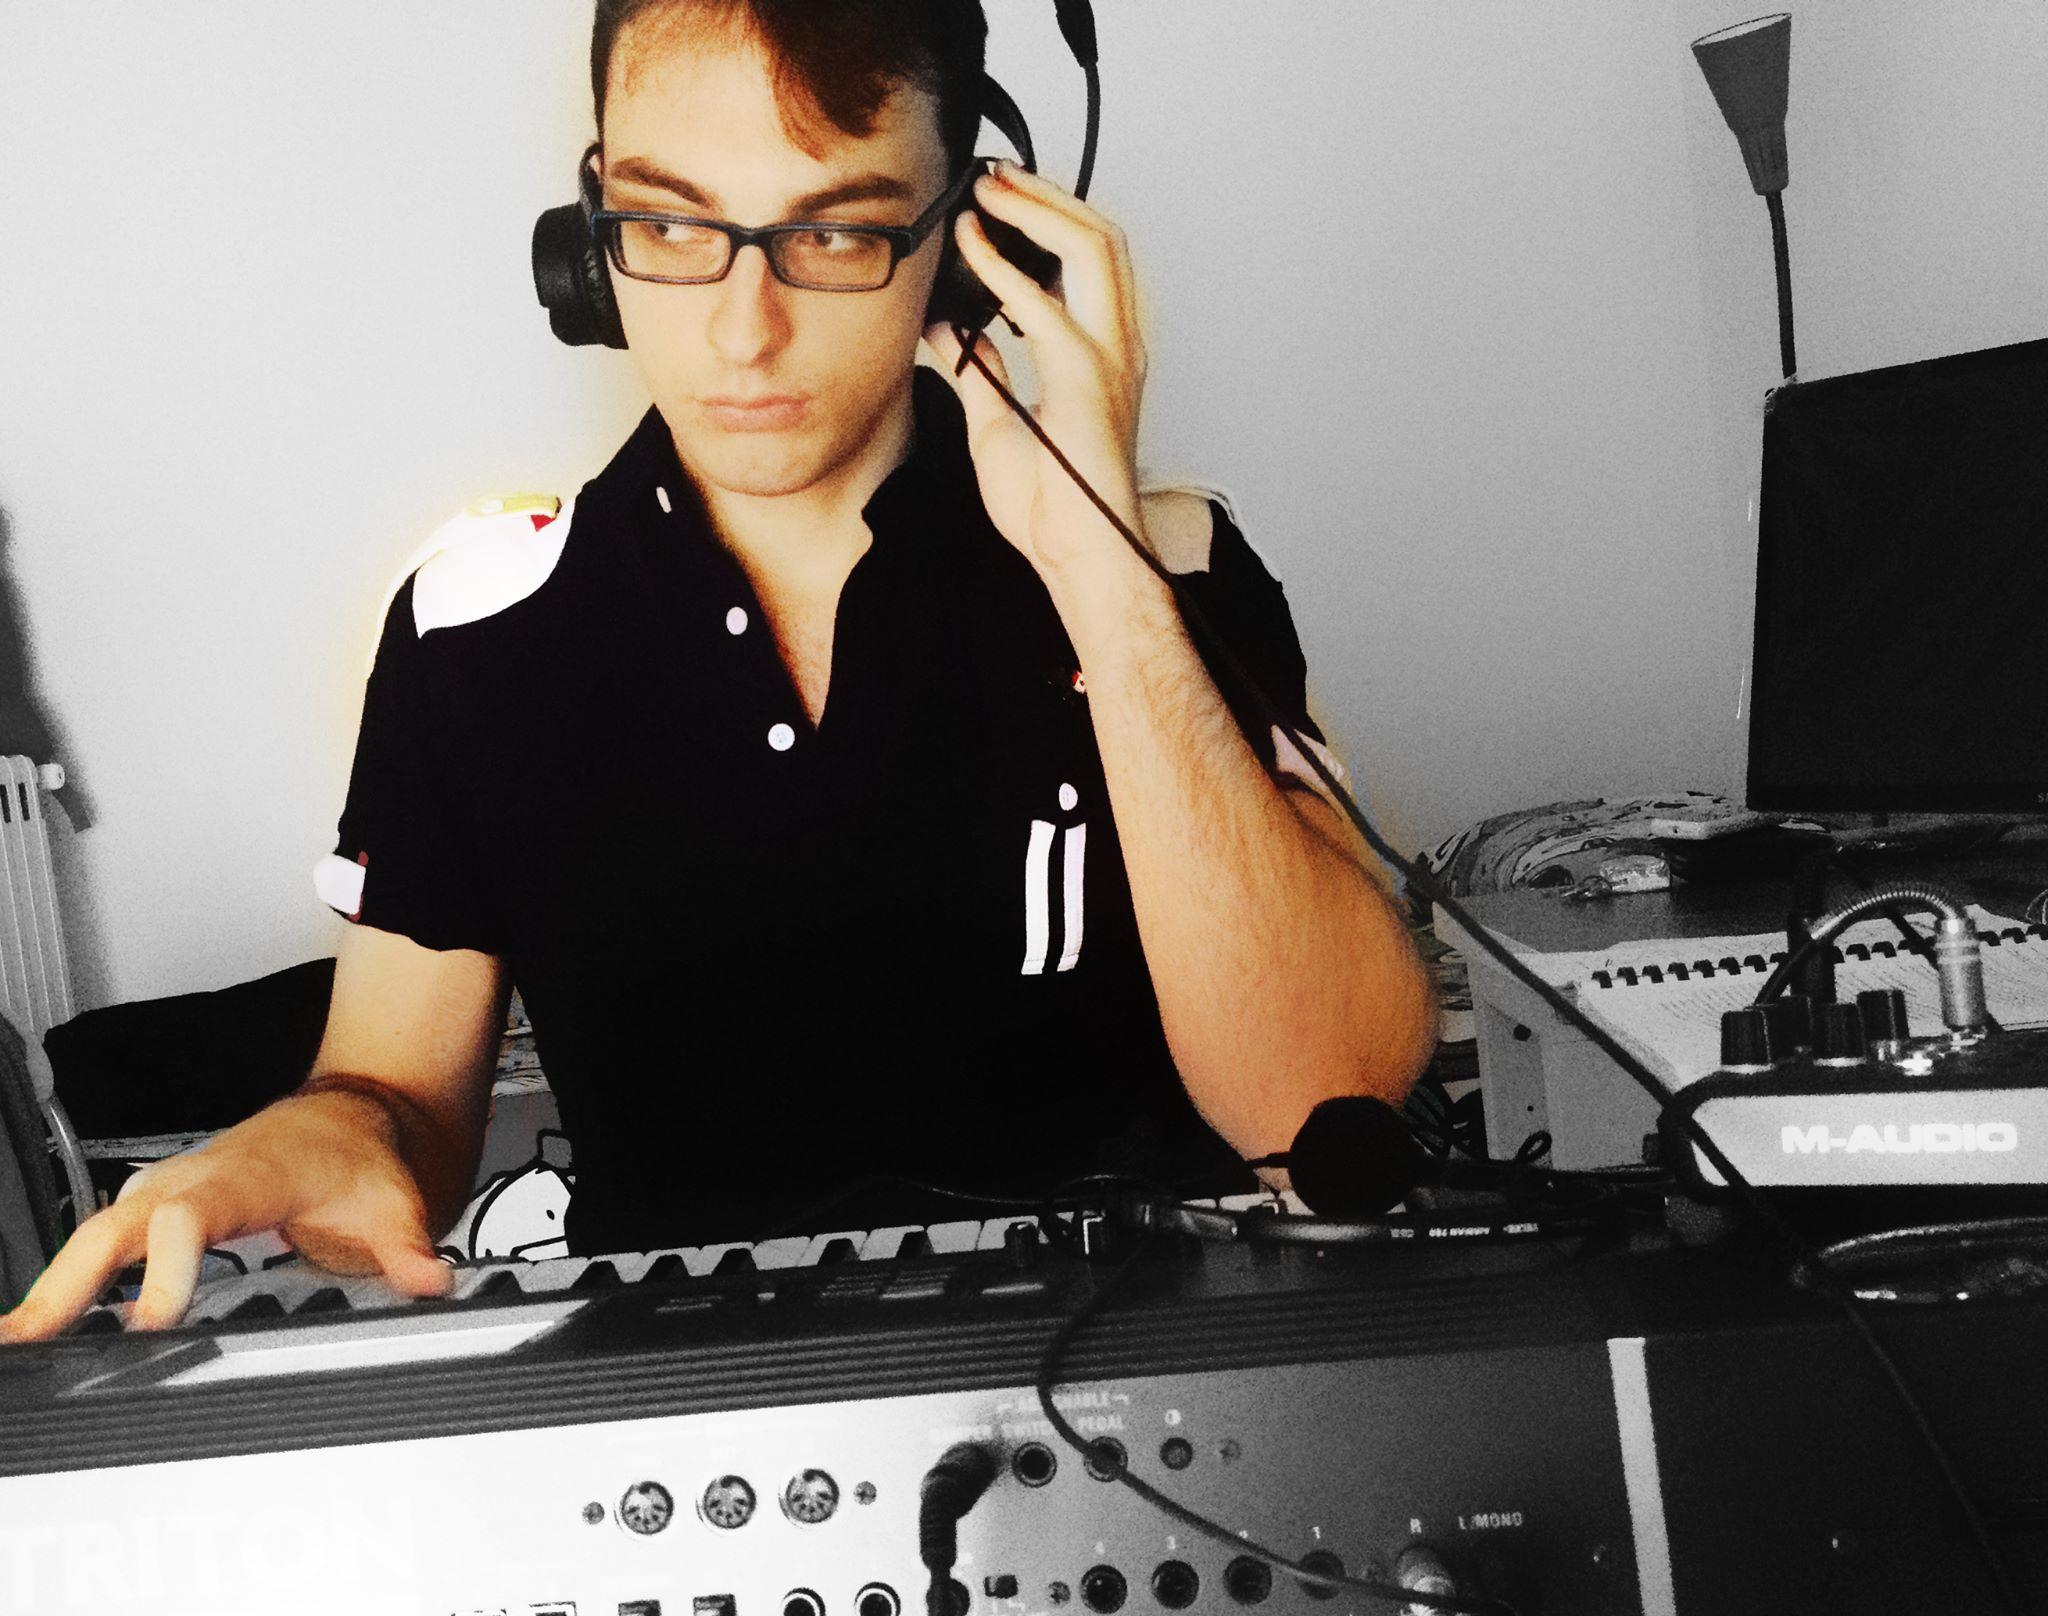 Un eroe elettronico sotto al Vesuvio: intervista al giovane musicista pomiglianese Federico Foria